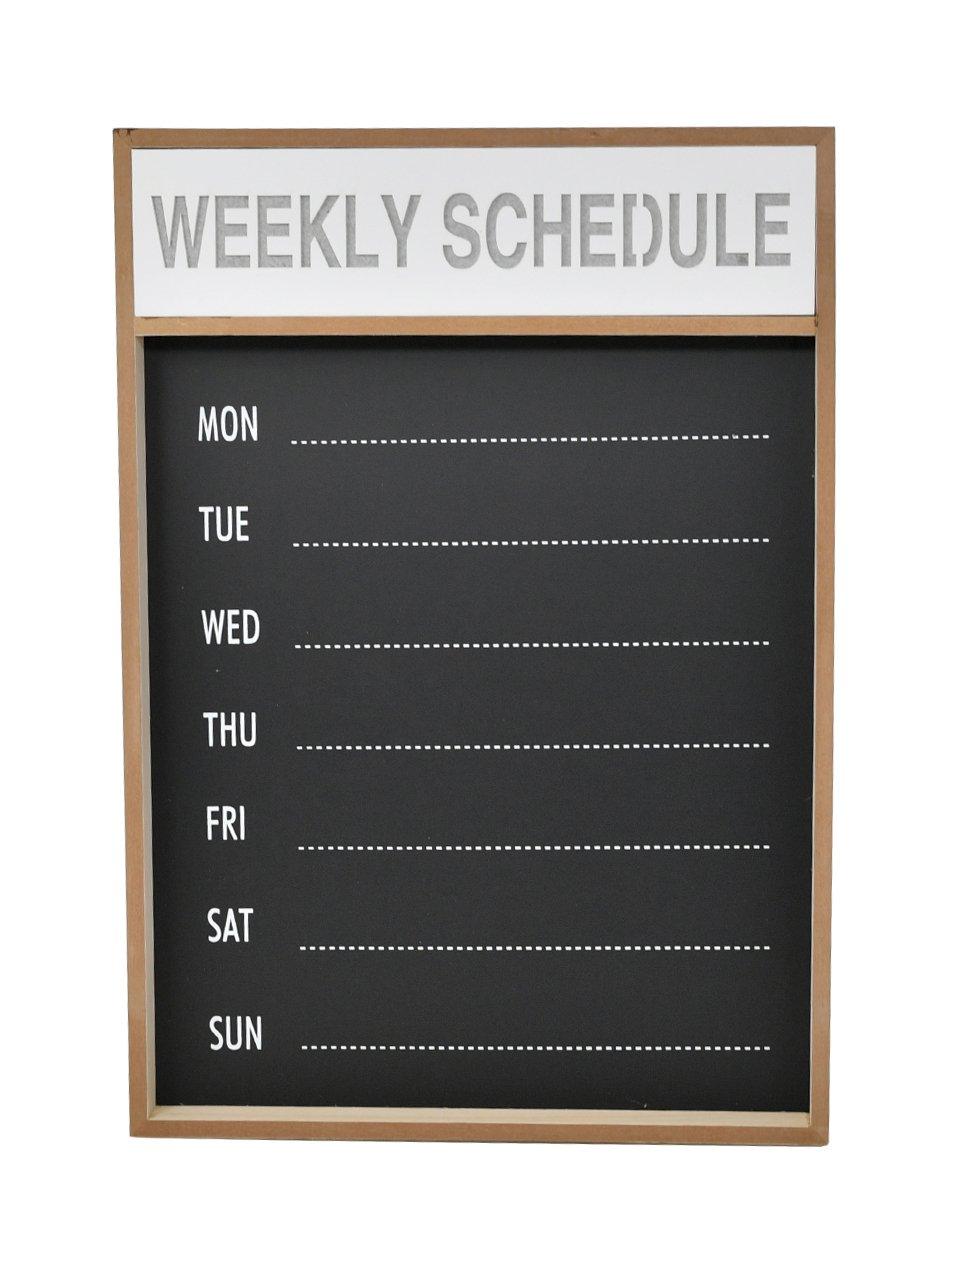 Chalkboard Sign, Chalkboard Meal Planner, Chalkboard Easel, Hanging Chalkboard Sign, Chalkboard Calendar, LED Chalkboard Weekly Plan Board, Wall Mount Schedule Planner